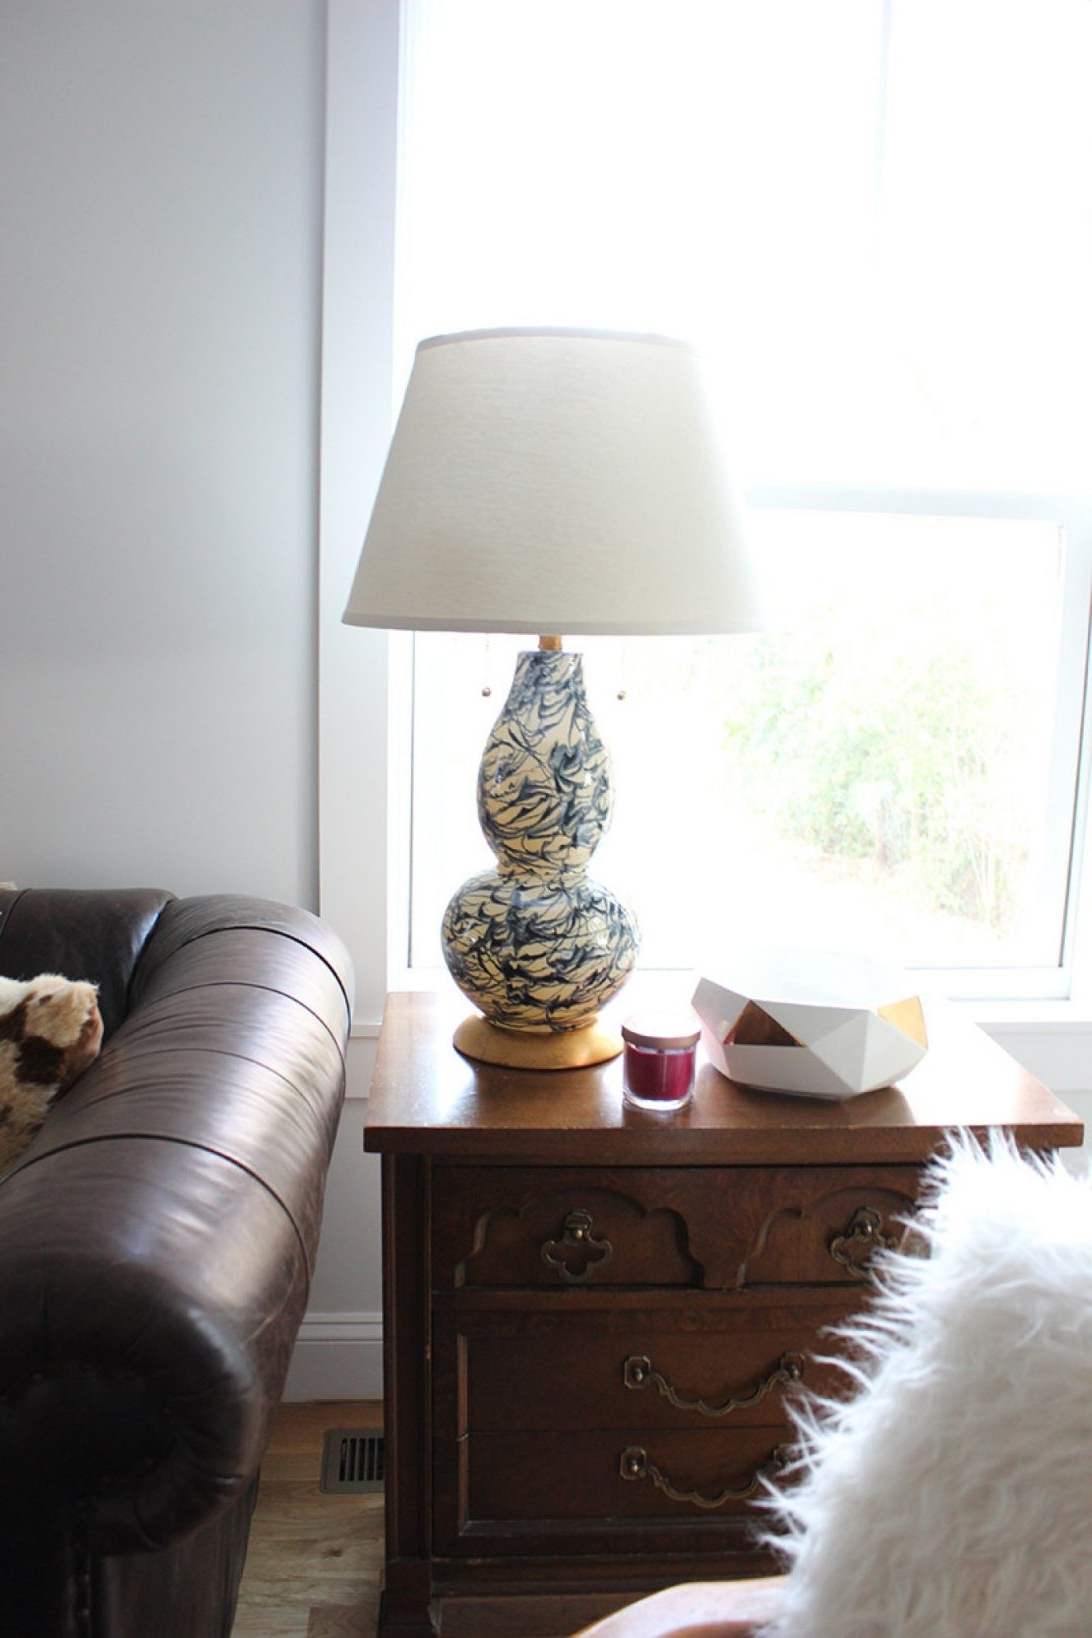 62 Most Skookum Bedside Lights Brass Table Lamp Big Lamps For Living For 2019 Living Room Table Lights (View 2 of 20)